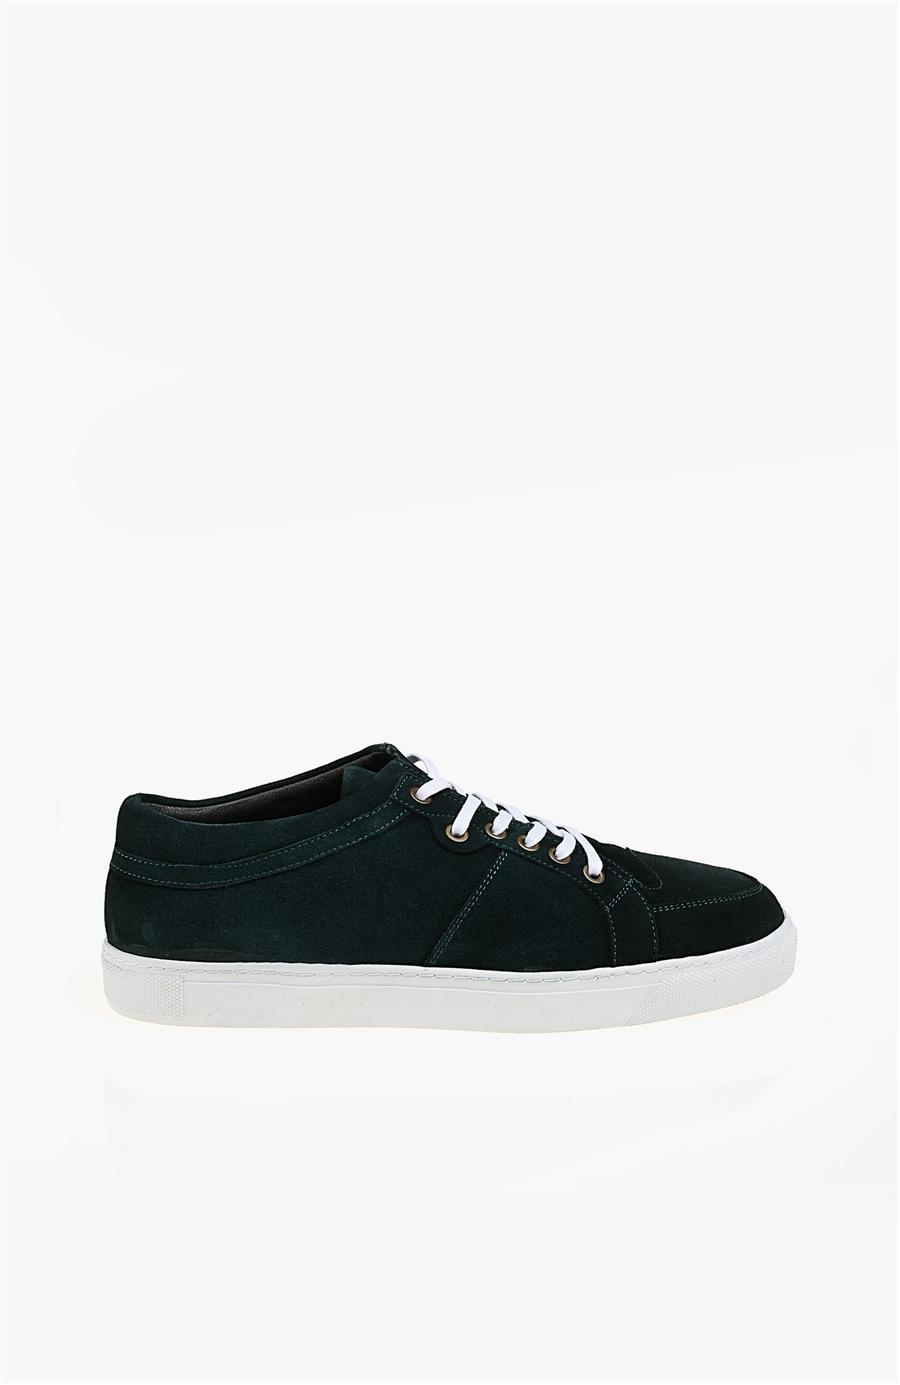 Yeşil Süet Sneaker - Renk Yesil - Network